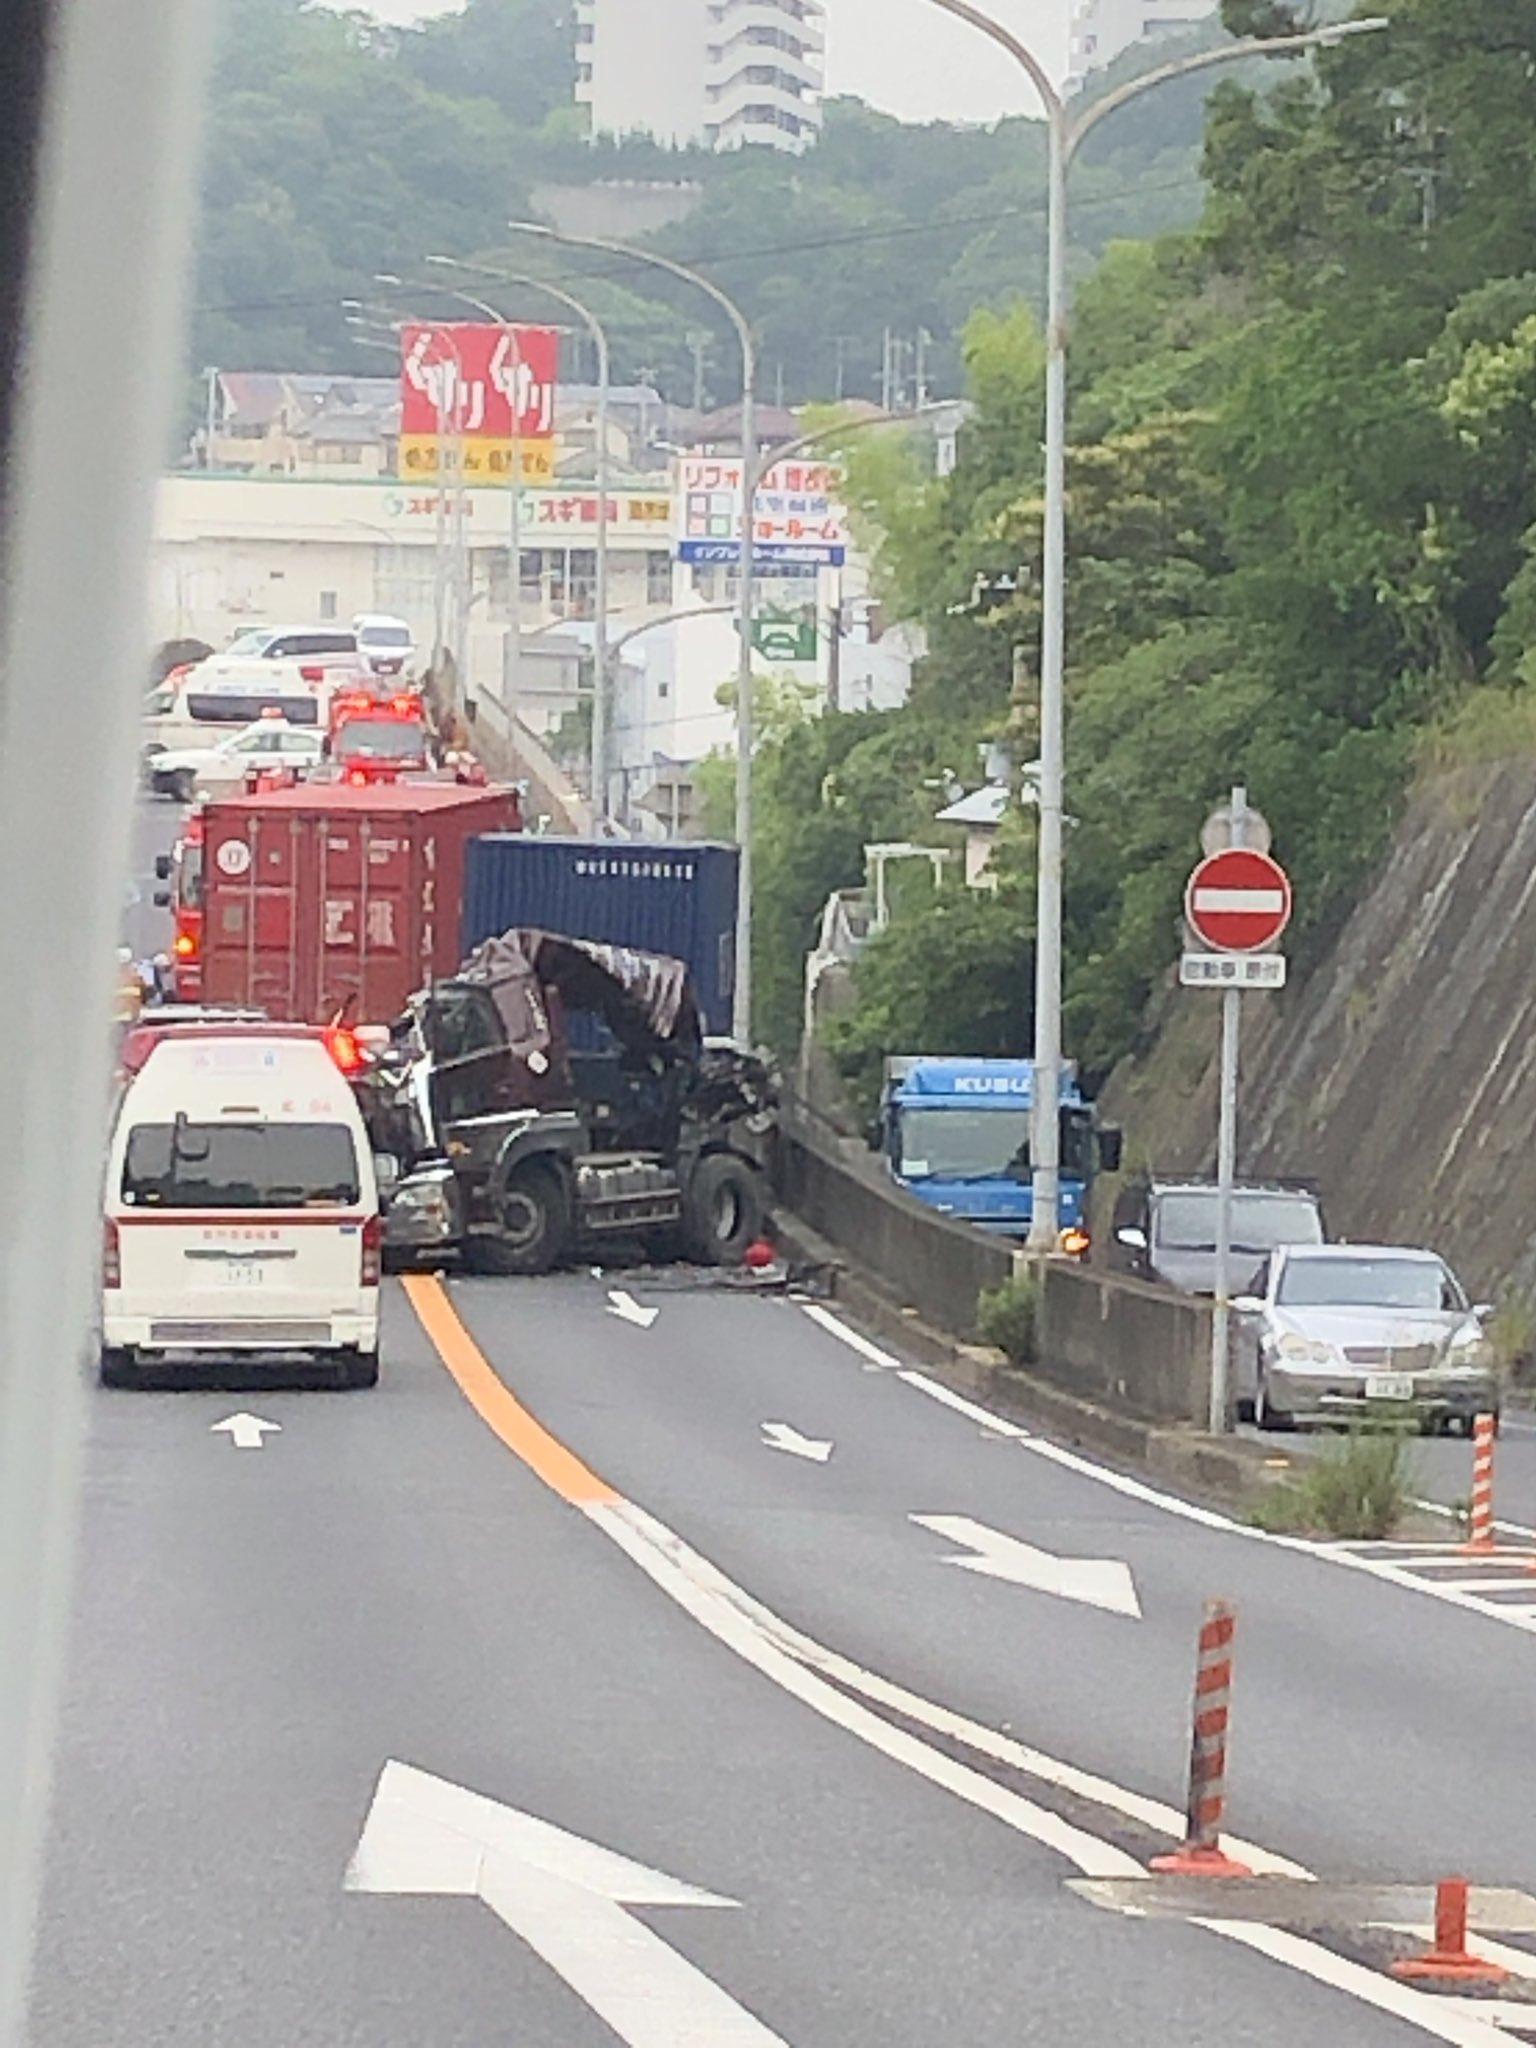 神戸市須磨区車の市道の死亡事故の現場画像